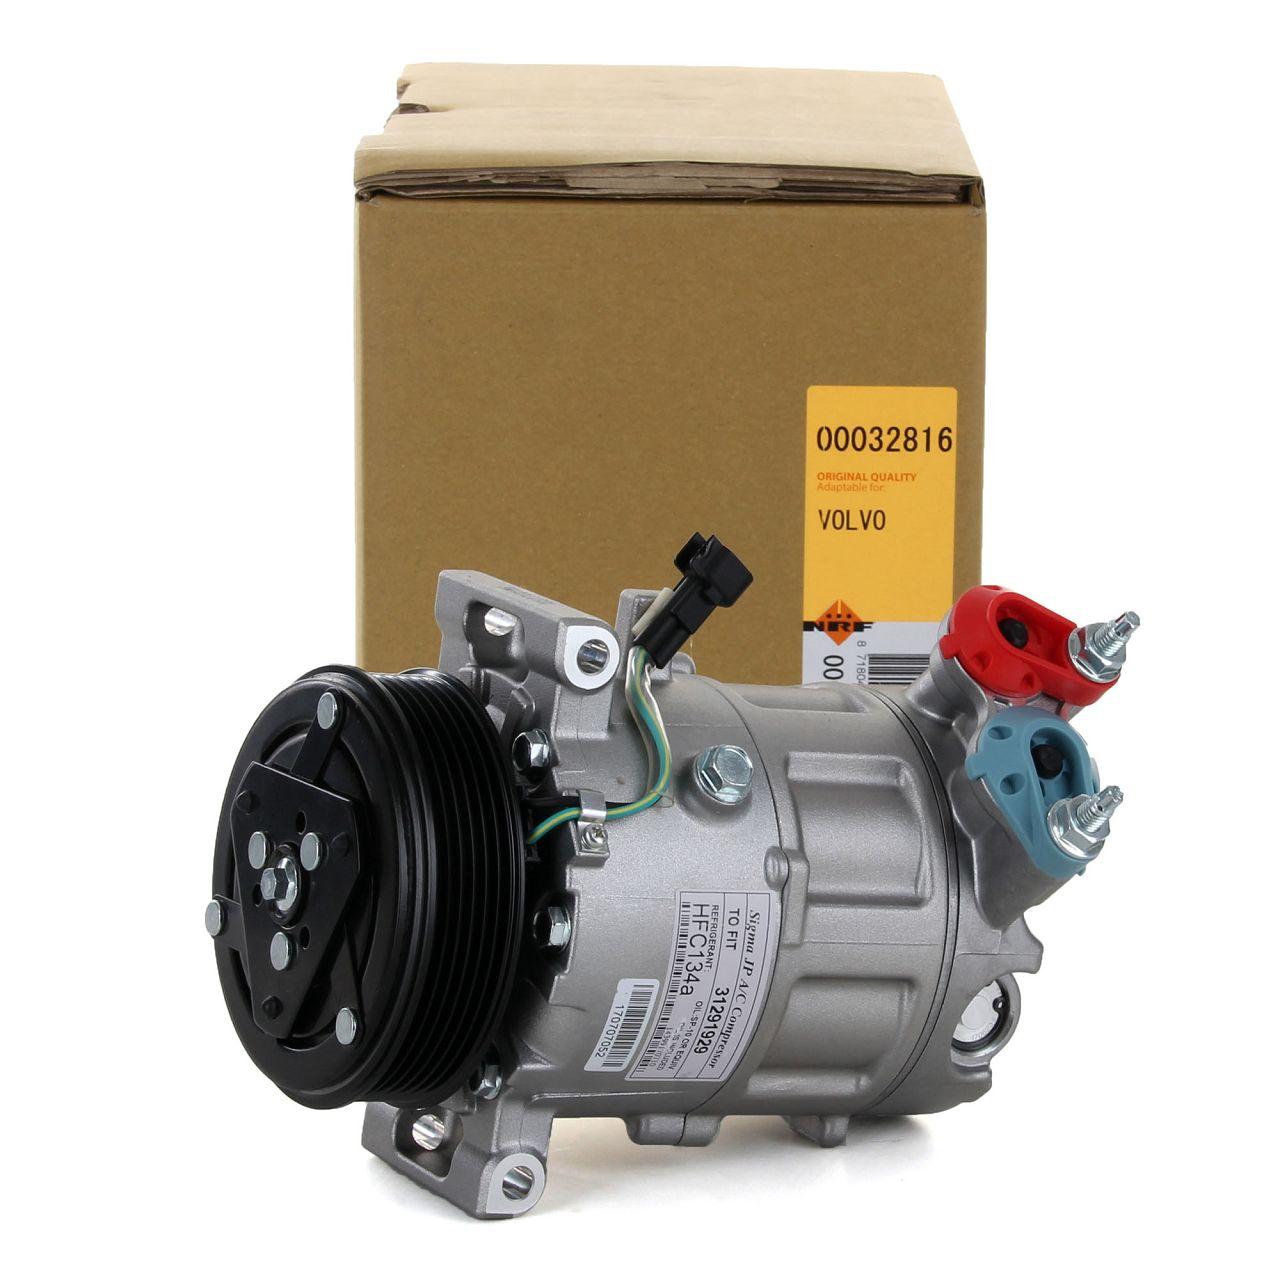 NRF 32816 Kompressor Klimaanlage EASY FIT für FORD MAZDA VOLVO 1.5 / 1.6 DIESEL